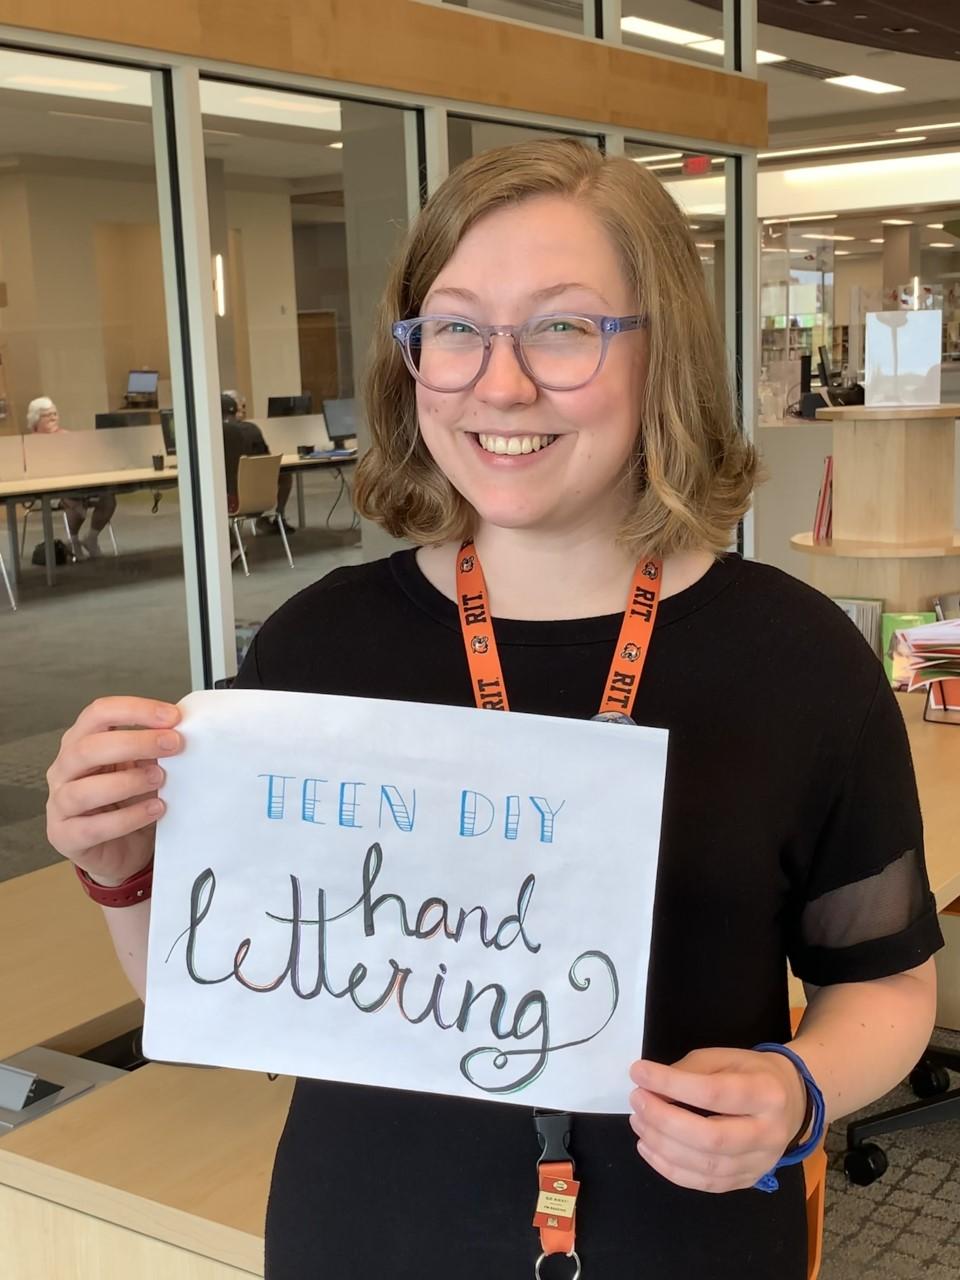 Teen DIY: Hand-Lettering!